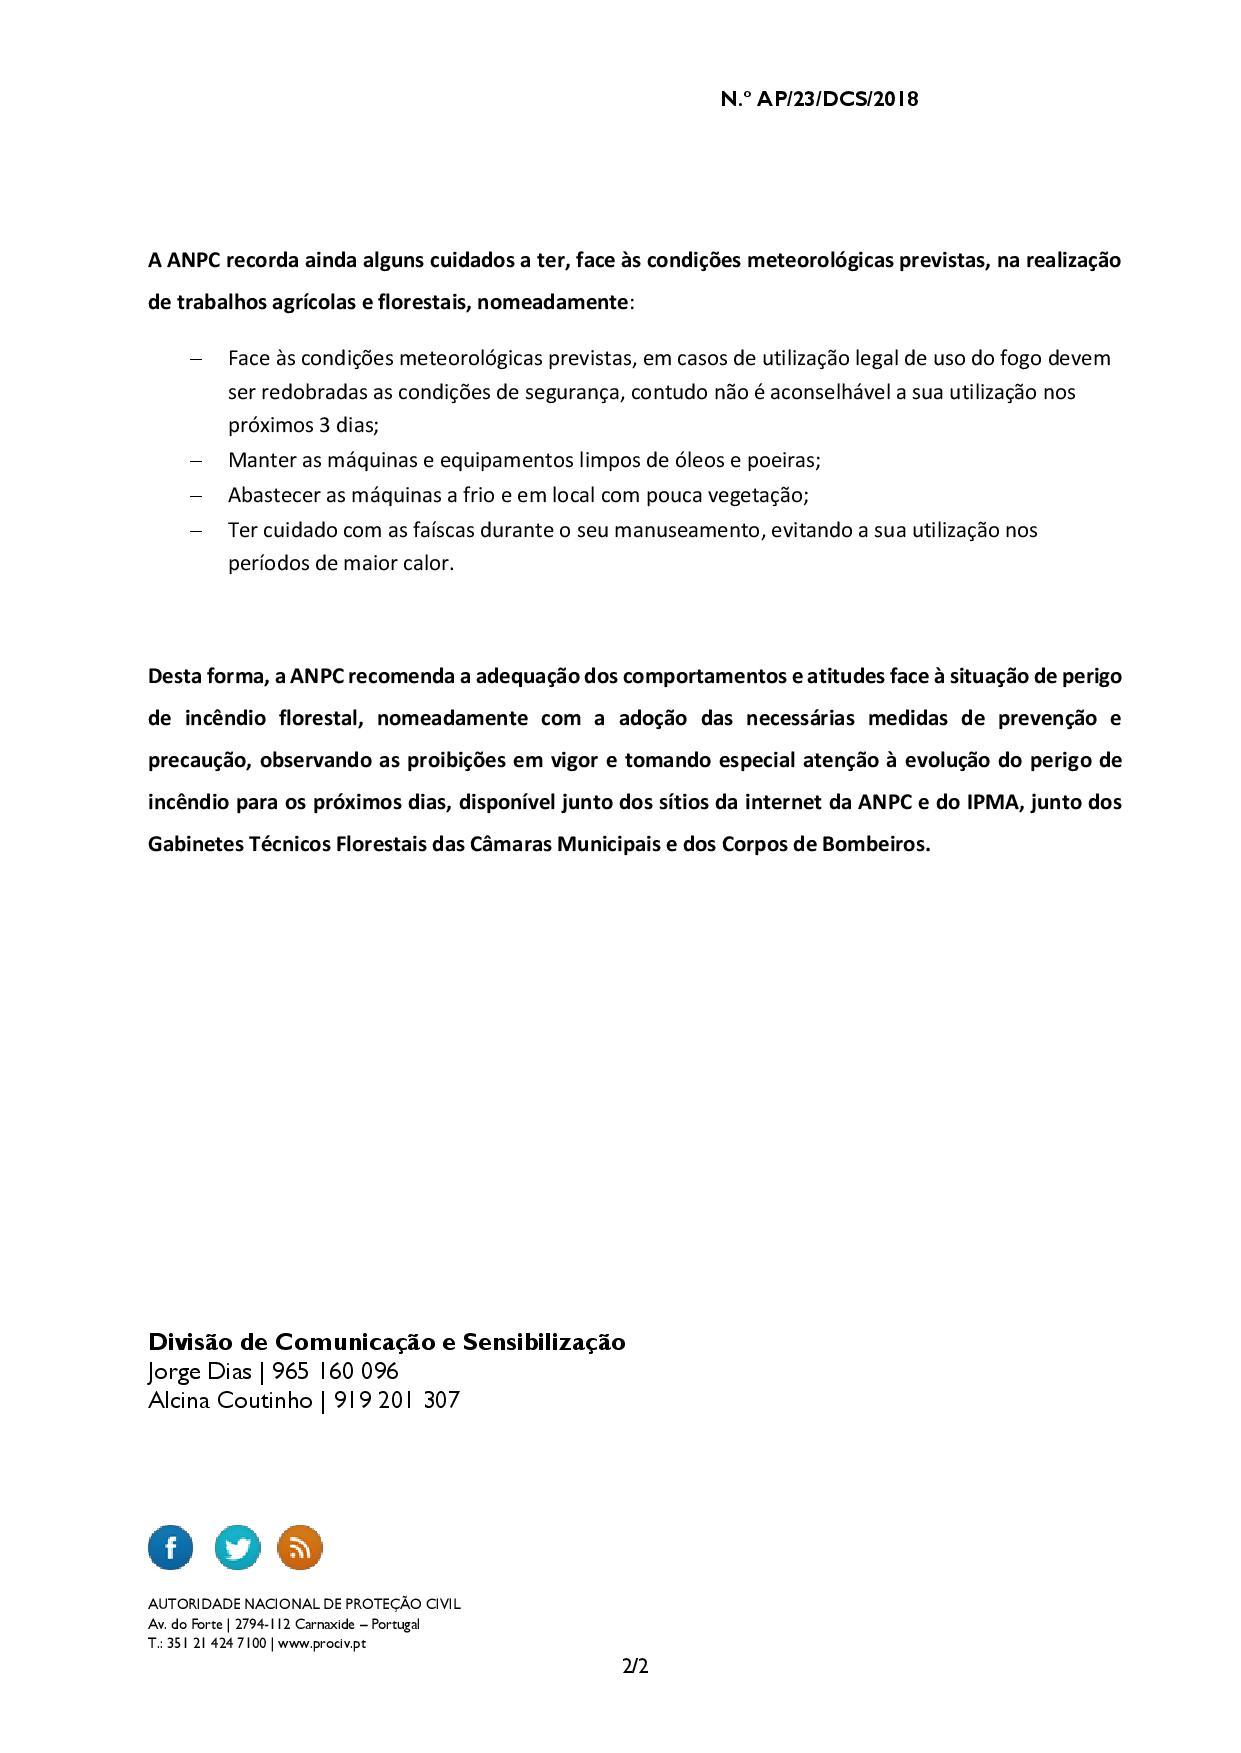 Aviso Perigo de Incêndio Florestal _ 15 a 17 Maio-page-002